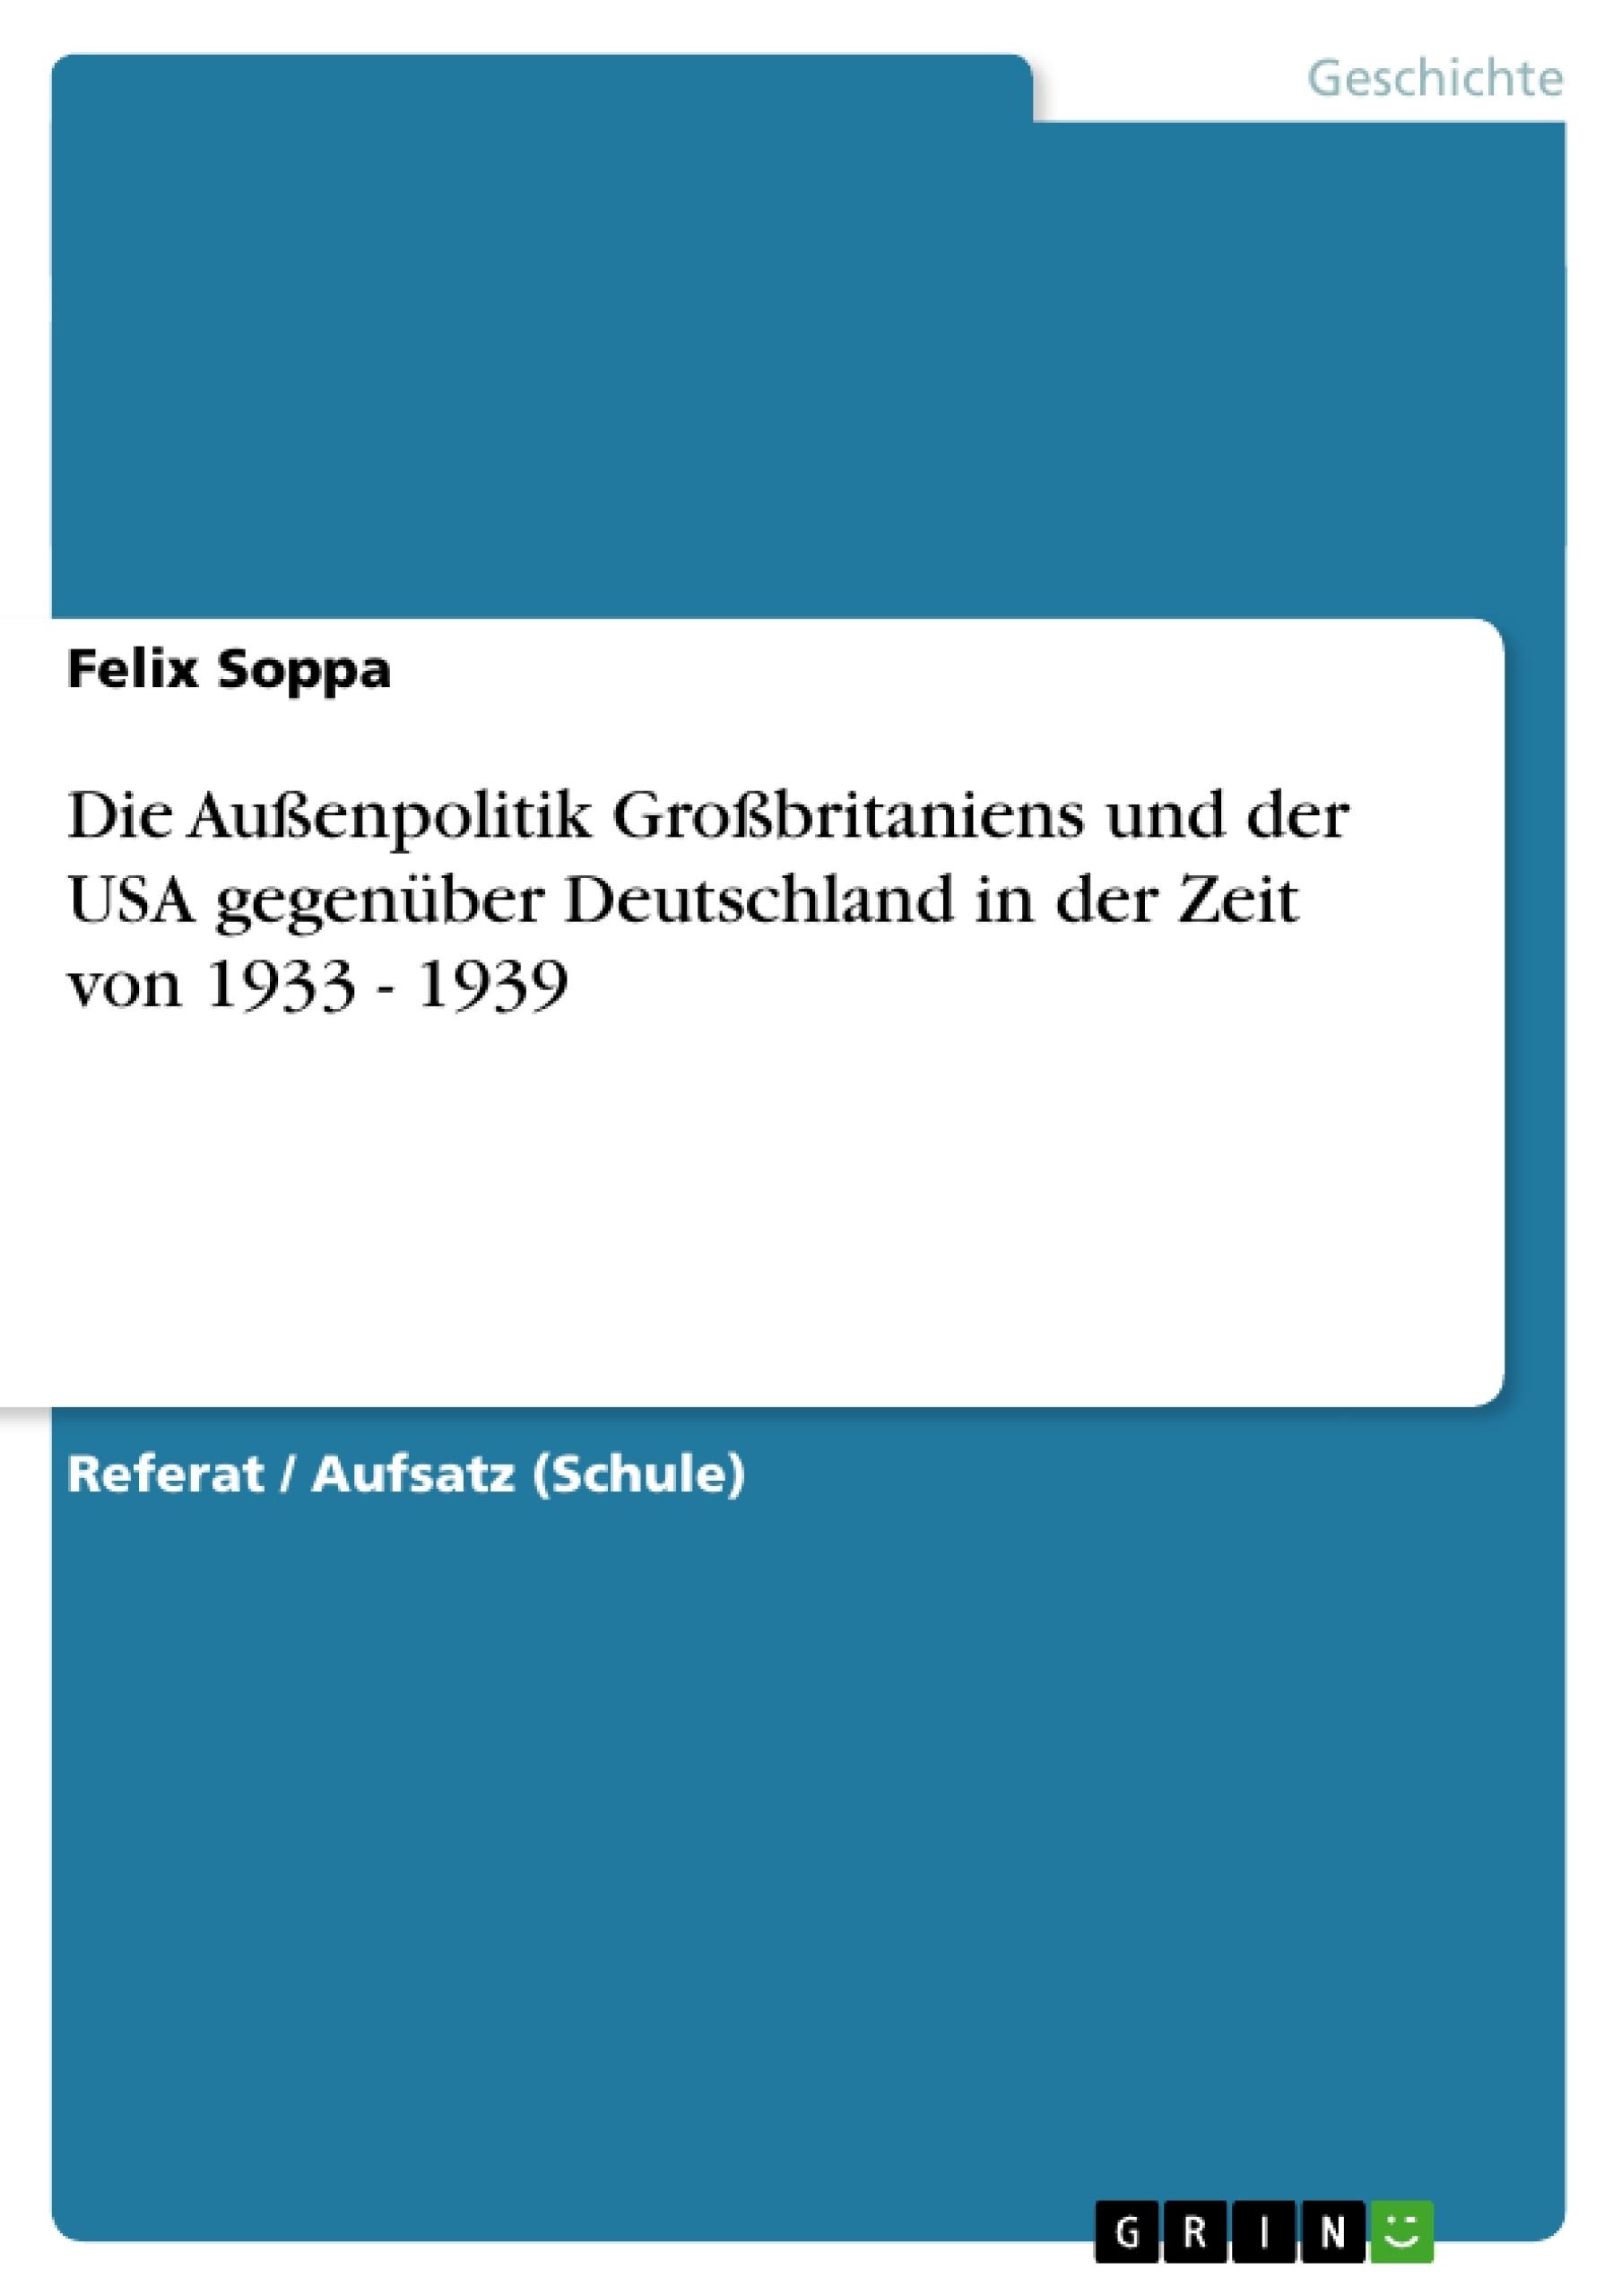 Titel: Die Außenpolitik Großbritaniens und der USA gegenüber Deutschland in der Zeit von 1933 - 1939